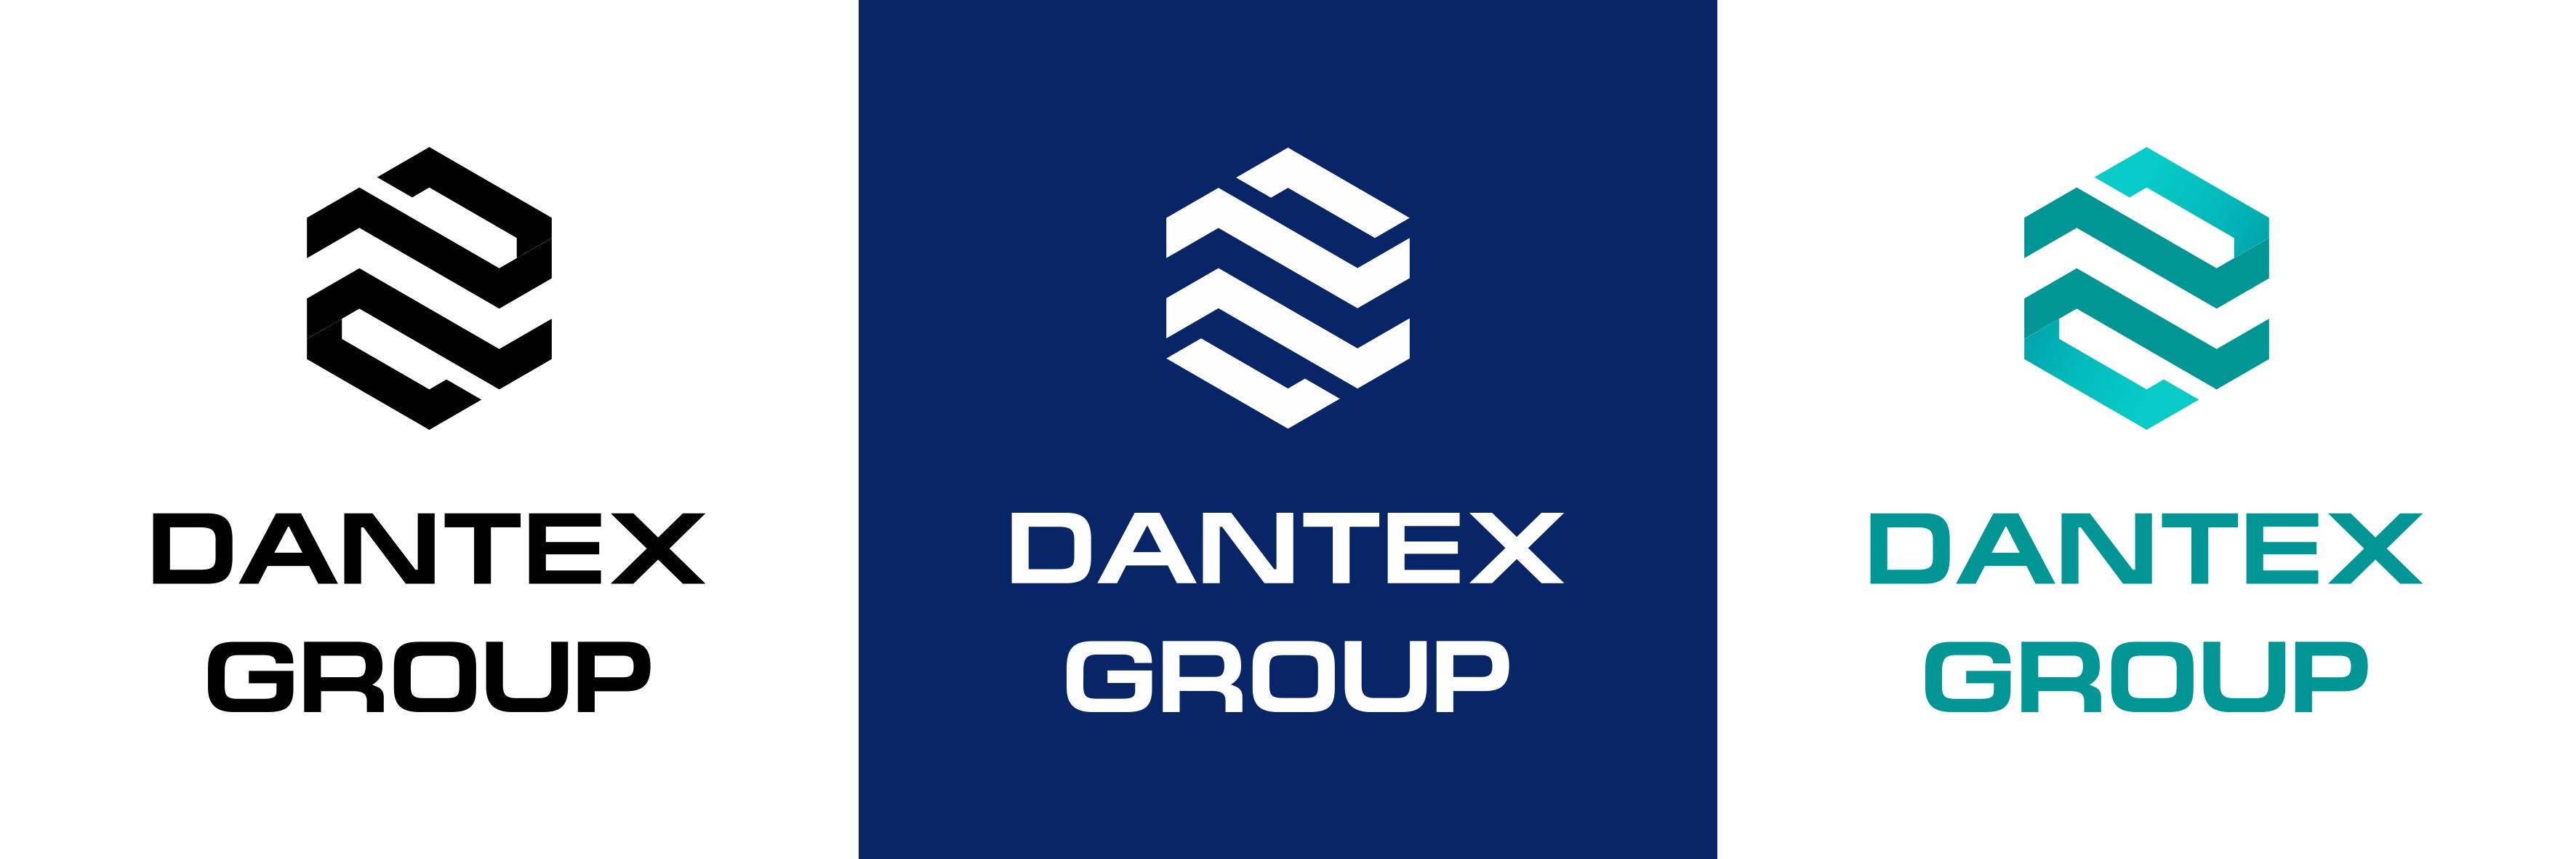 Конкурс на разработку логотипа для компании Dantex Group  фото f_6885bffe70f46b48.jpg